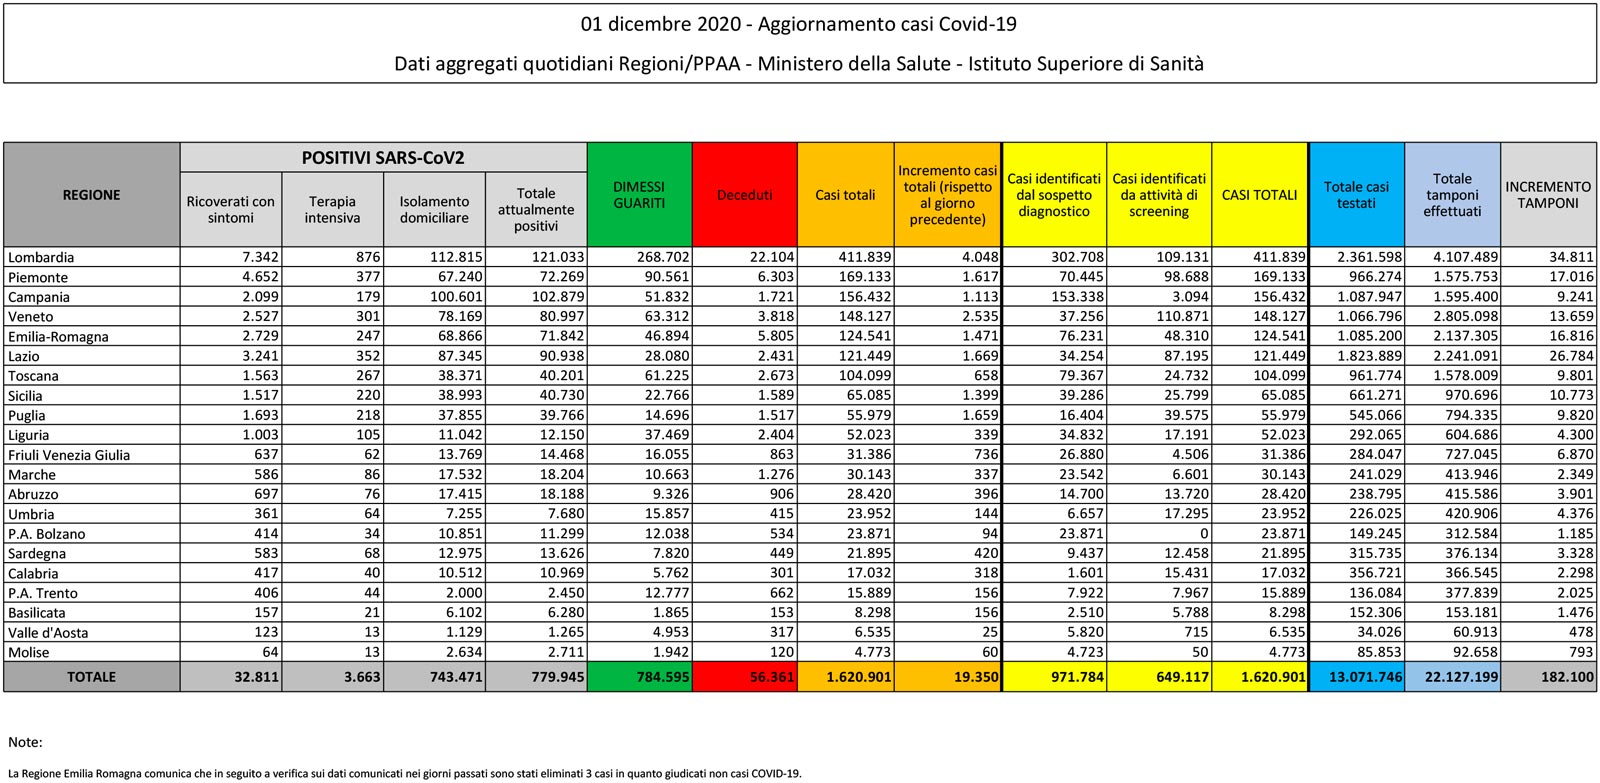 tabella del bollettino dell'1 dicembre 2020 contenente i dati sul coronavirus (o covid) in italia